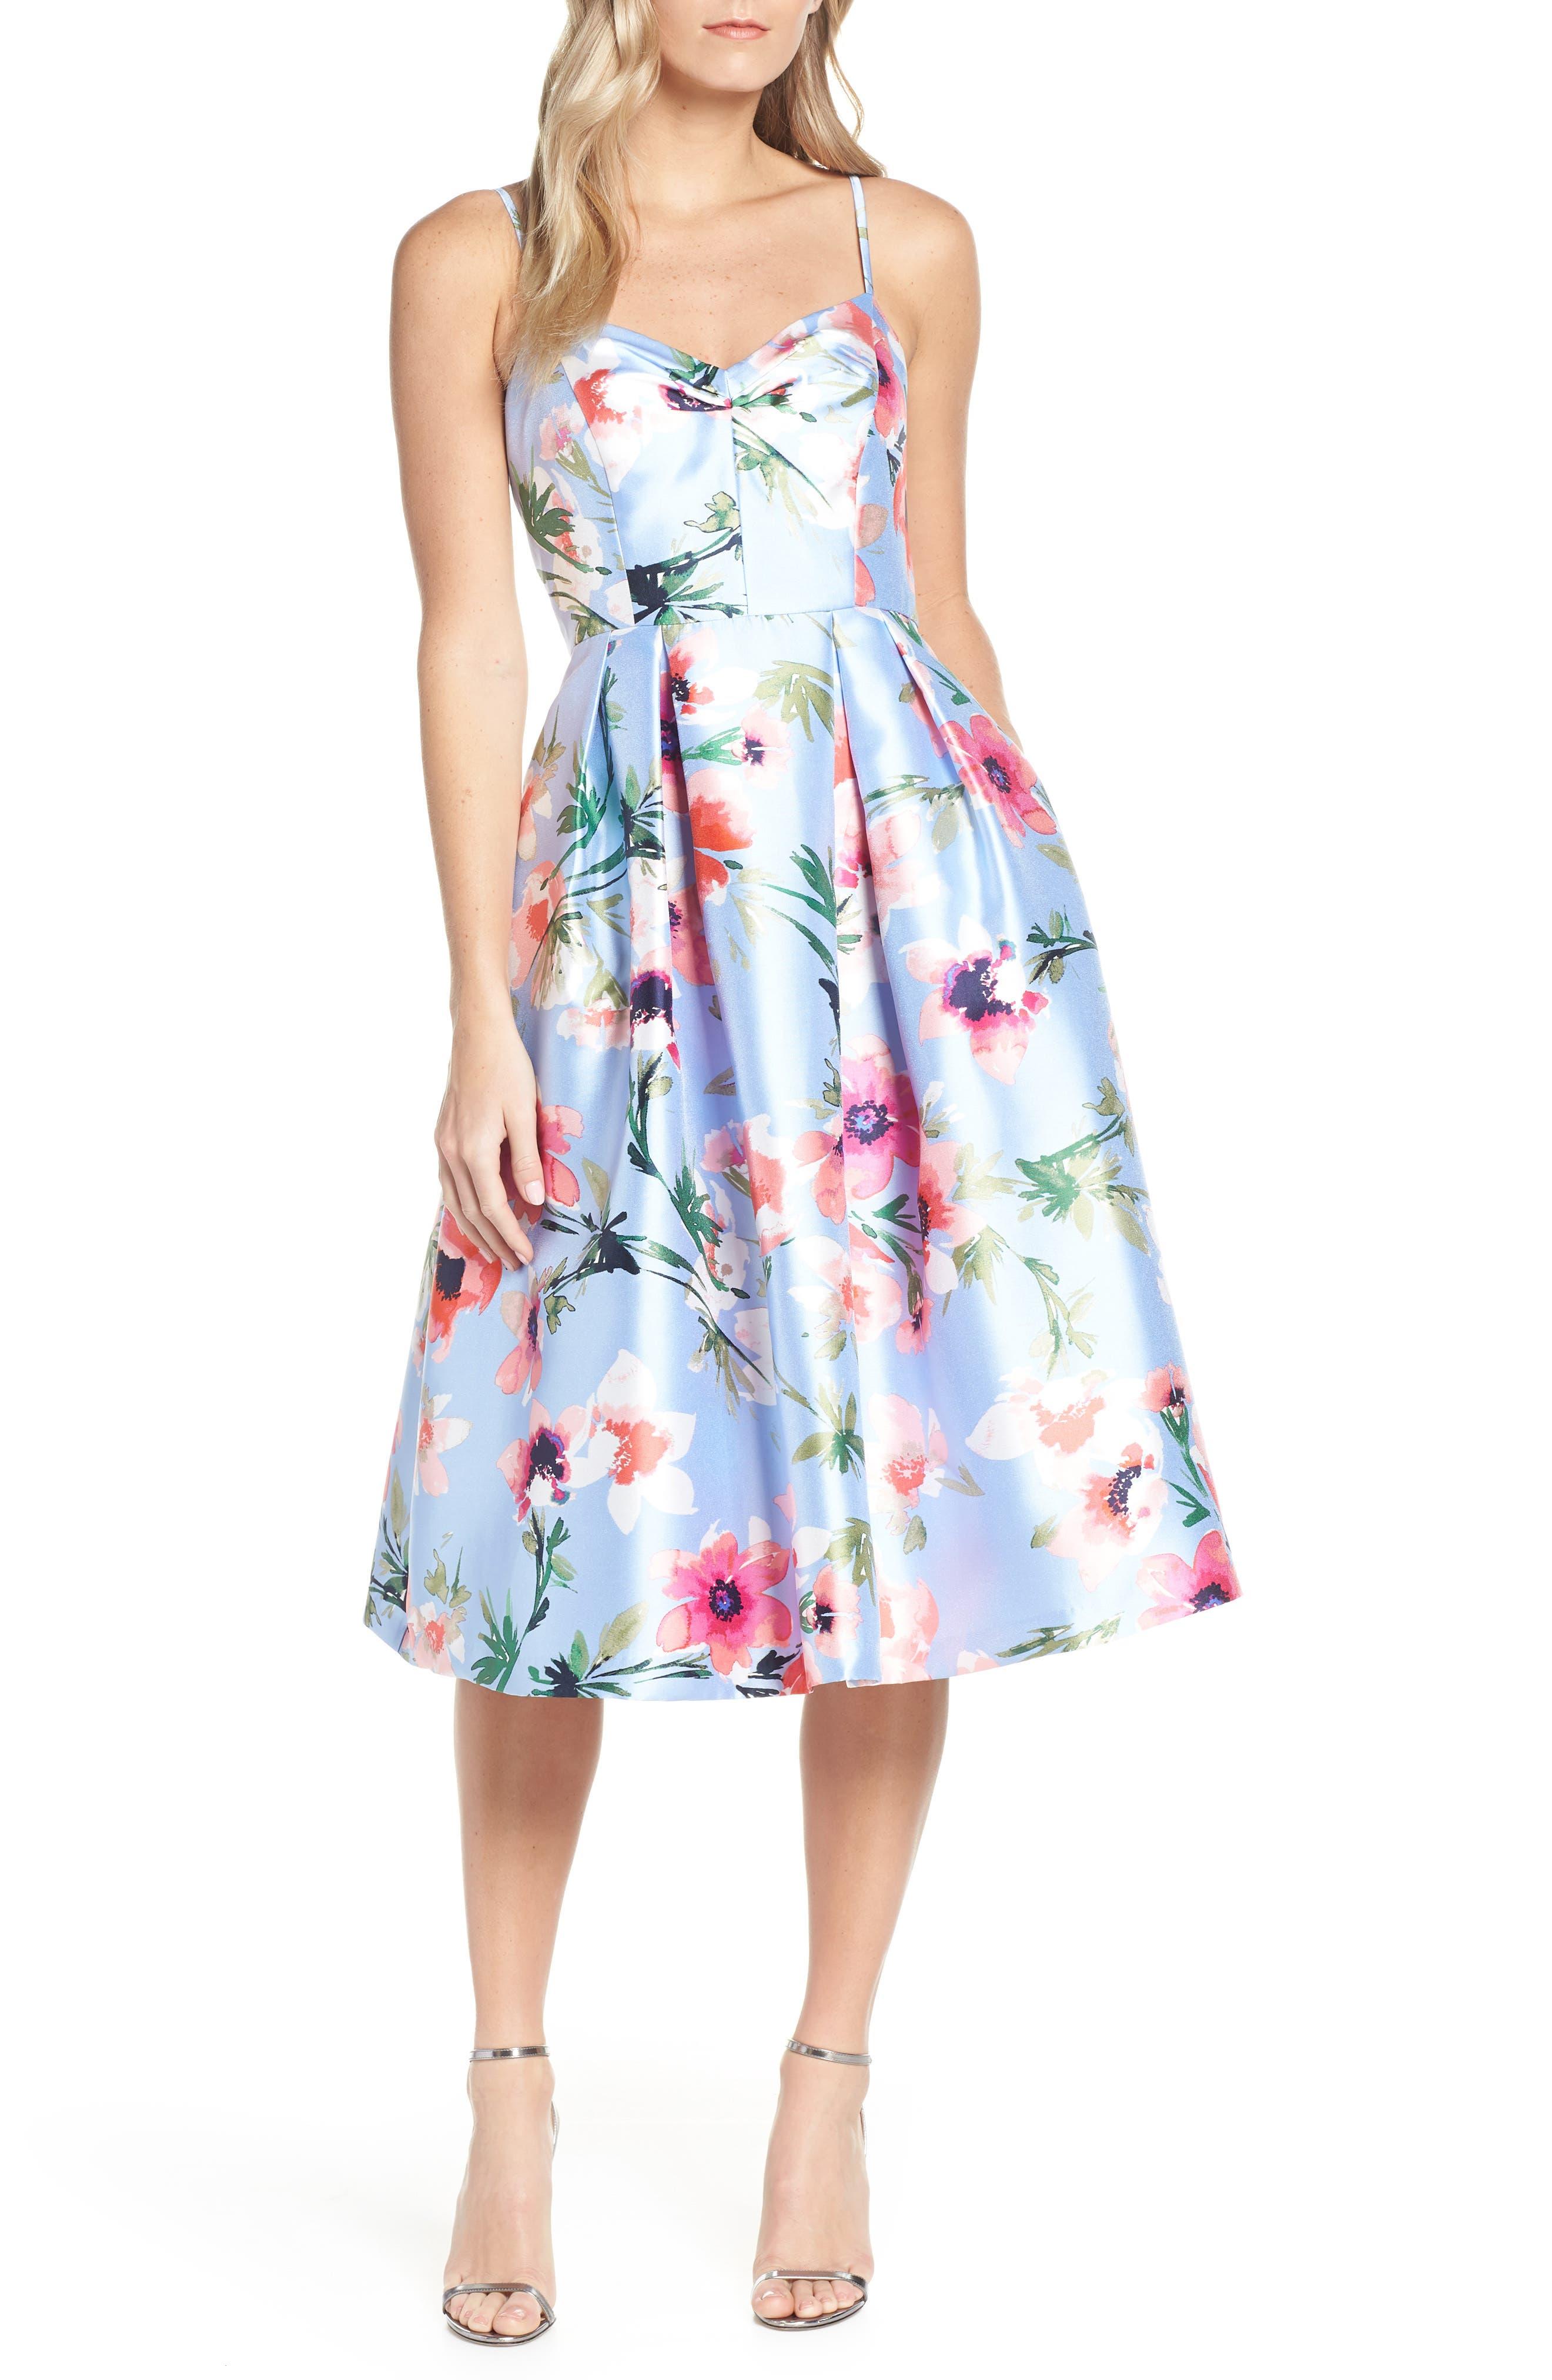 ELIZA J, Floral Print Satin Cocktail Dress, Main thumbnail 1, color, BLUE